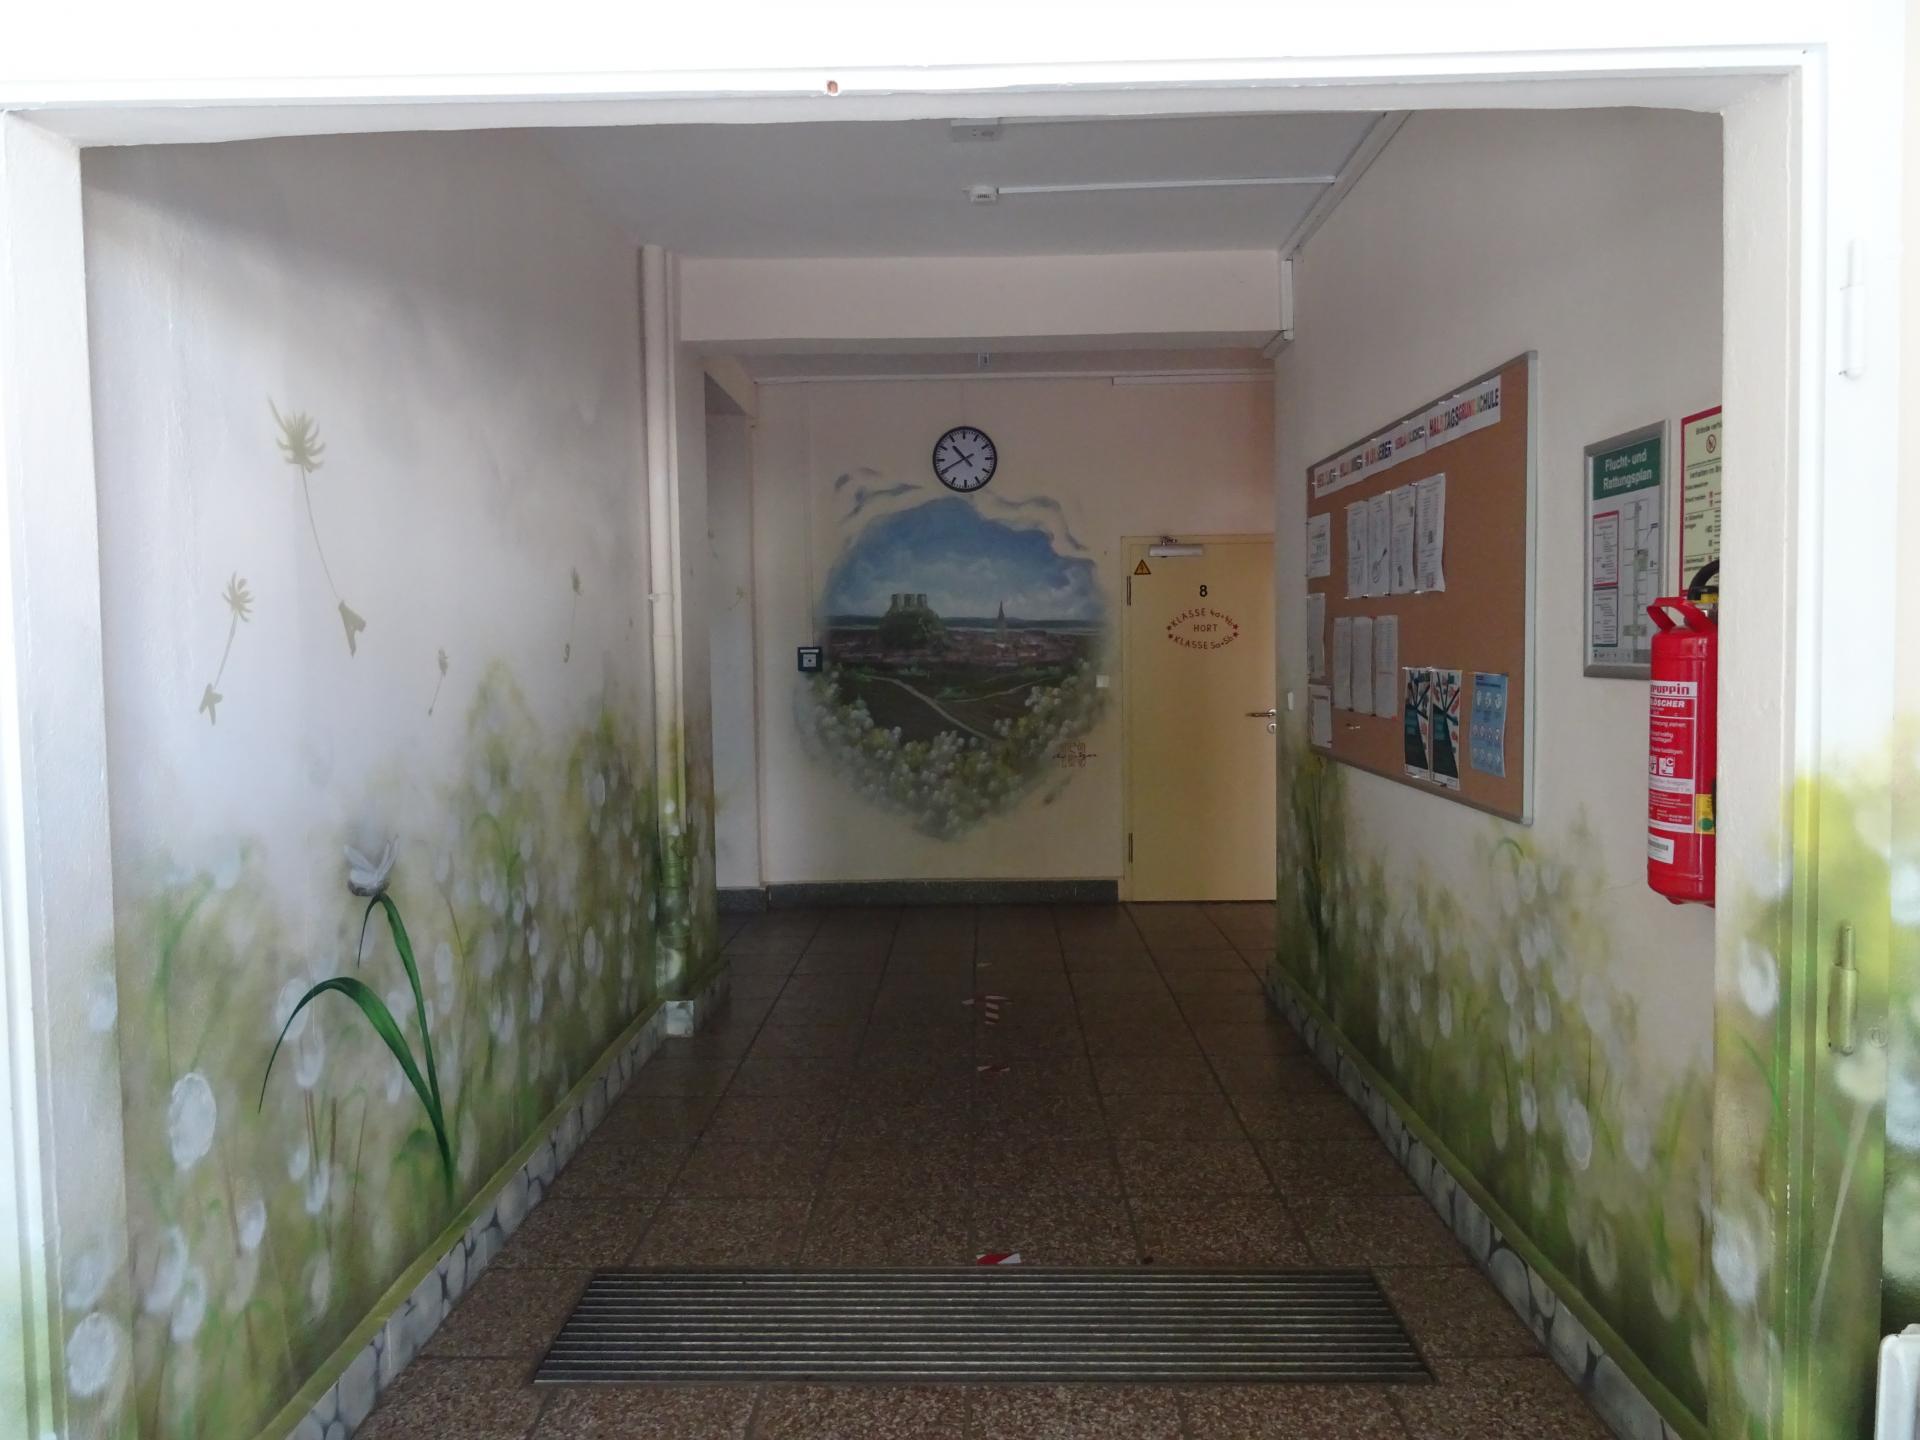 Eingang in Schulgebäude  Foto: Info Punkt Lebus